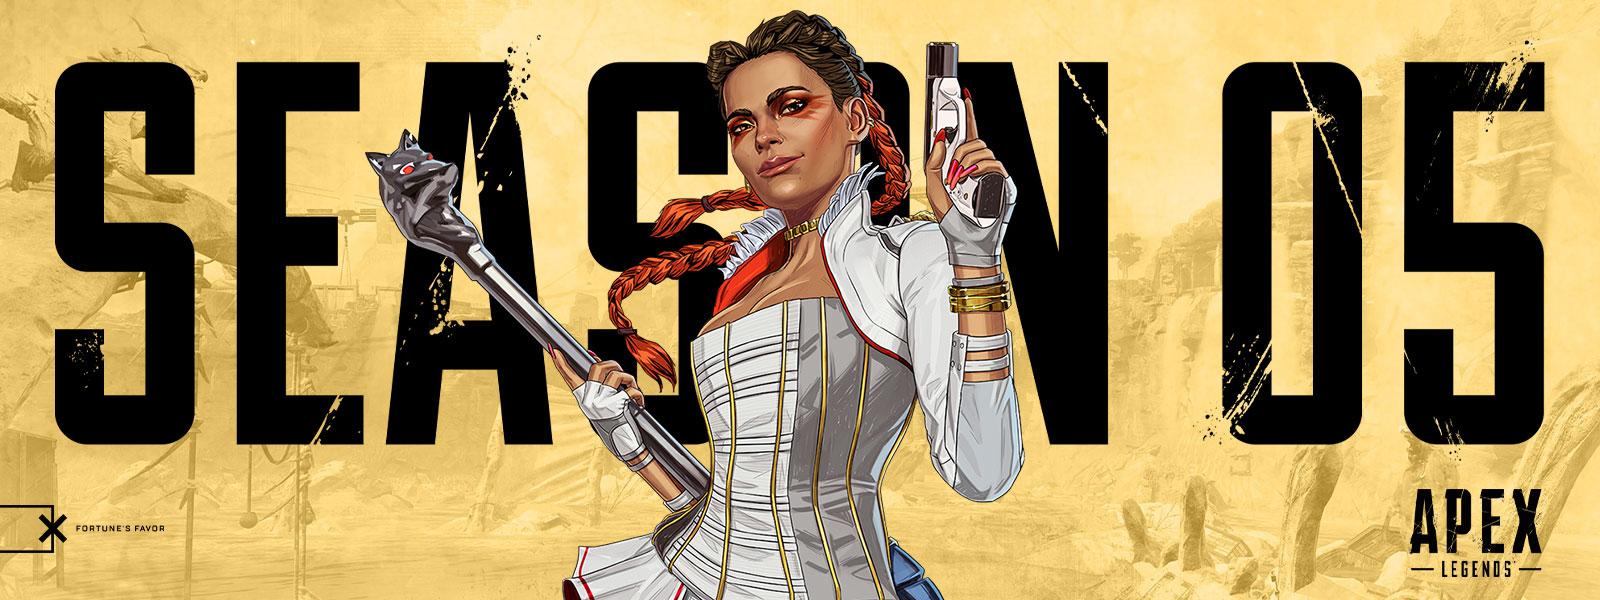 Apex Legends, Season 5, smiler den nye helten Loba med pistolen og ulvepersonalet.